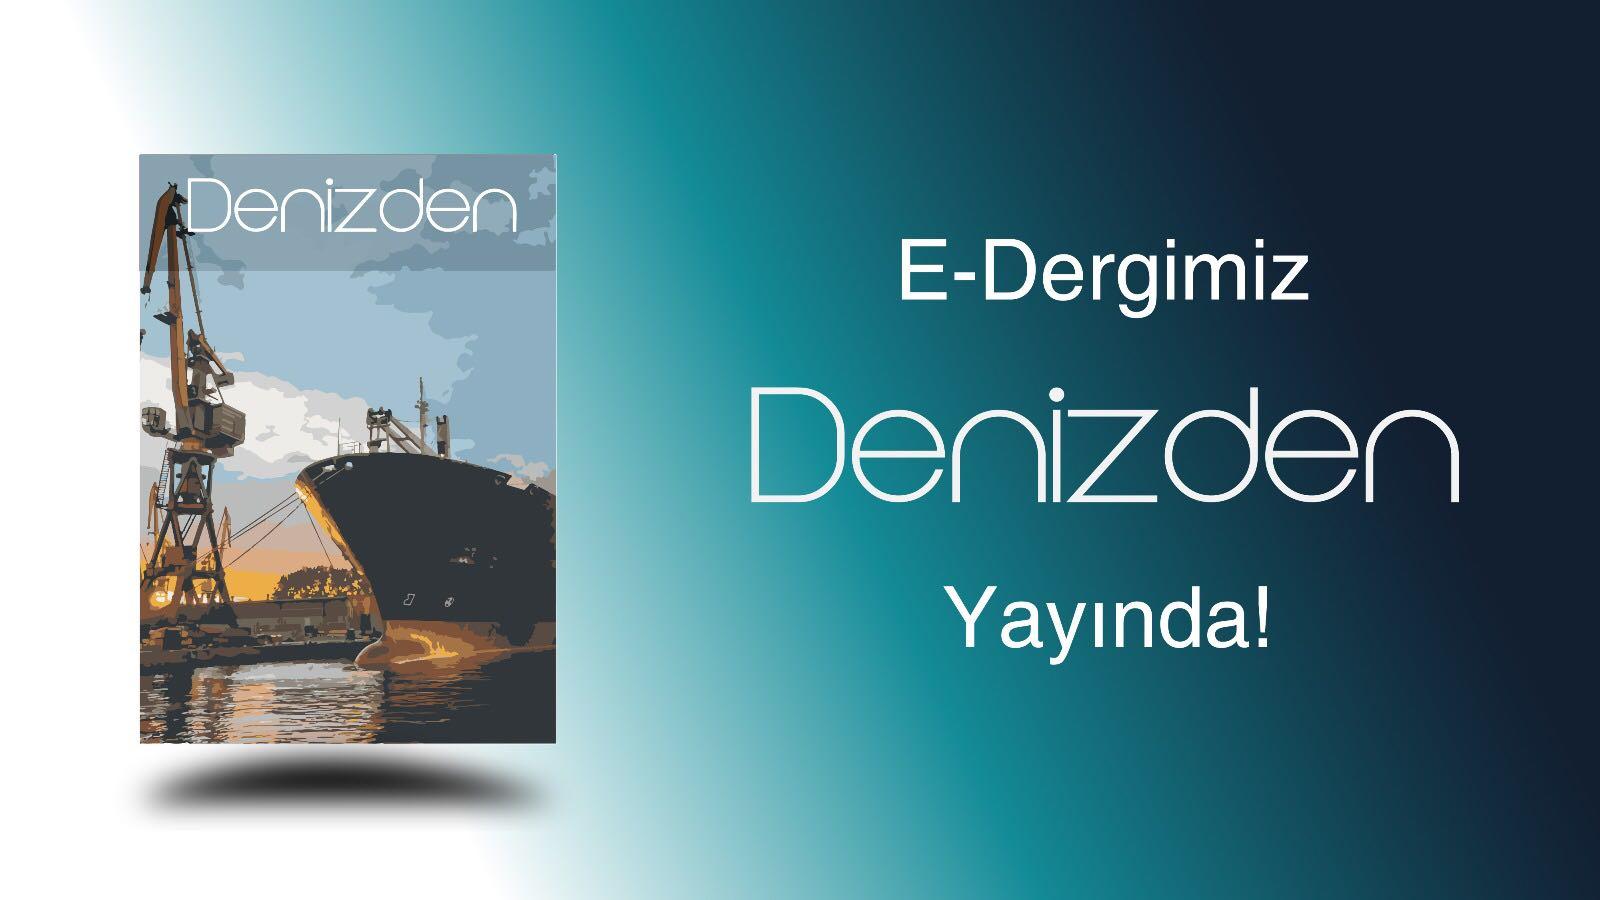 Denizden Dergisi 1. Sayı Yayınlandı!